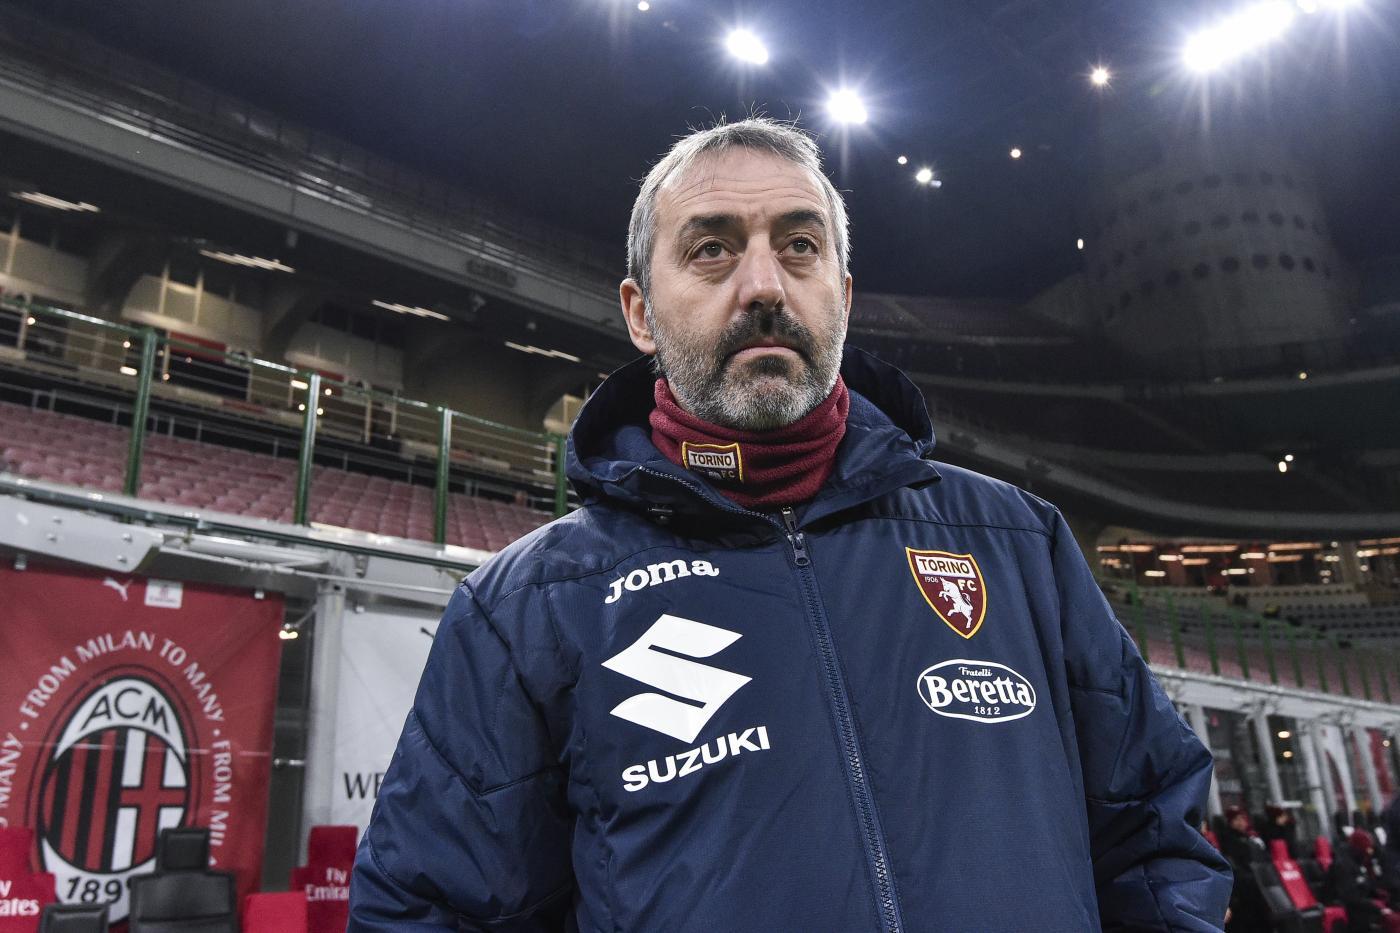 Marco Giampaolo. Milan vs Torino - Coppa Italia TIM 2020/2021 - Ottavi di Finale